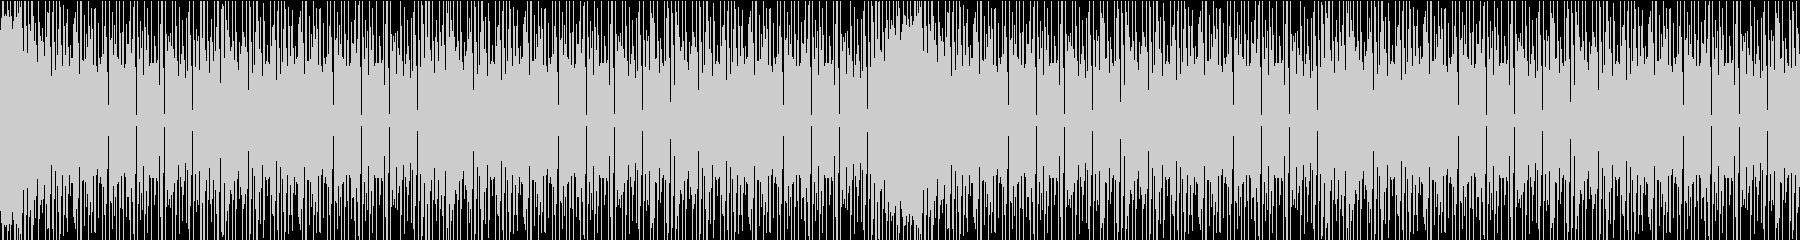 ハウスミュージック (Loop仕様)の未再生の波形